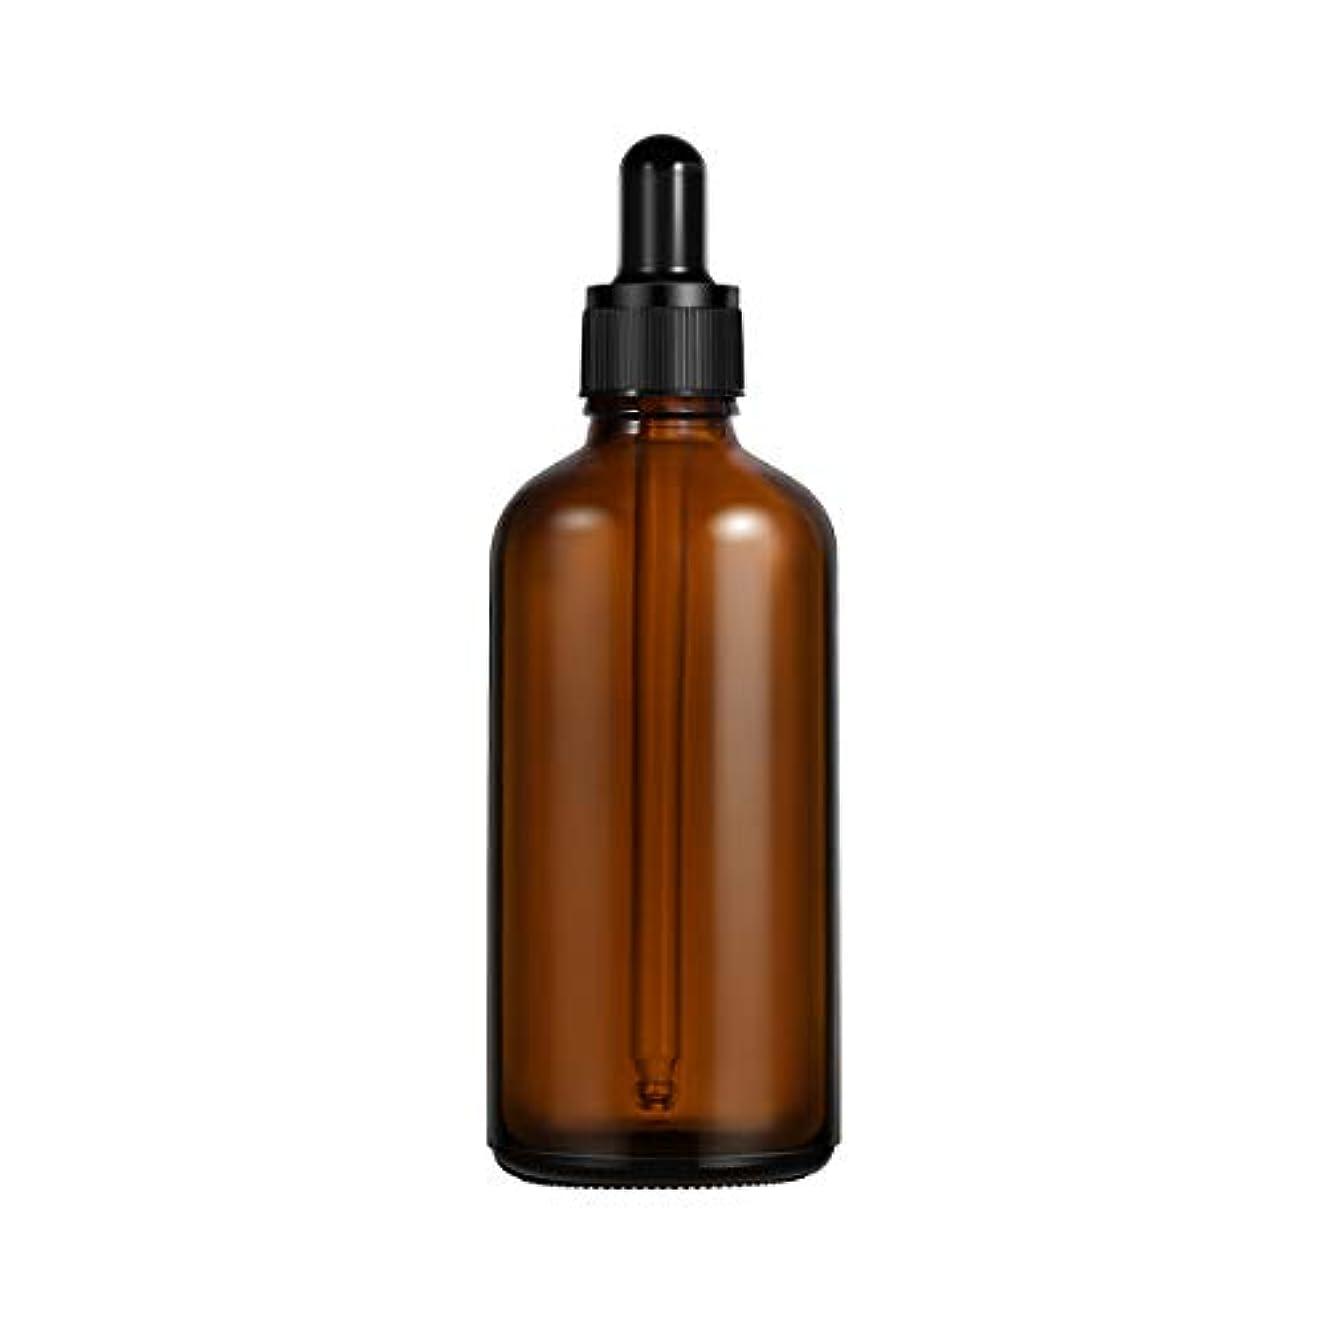 いつ鉄下品Frcolor 遮光瓶 スポイト遮光瓶 100ml スポイト付き ガラス製 アロマボトル 保存容器 エッセンシャルオイル 香水 保存/詰替え 2本入(茶色)